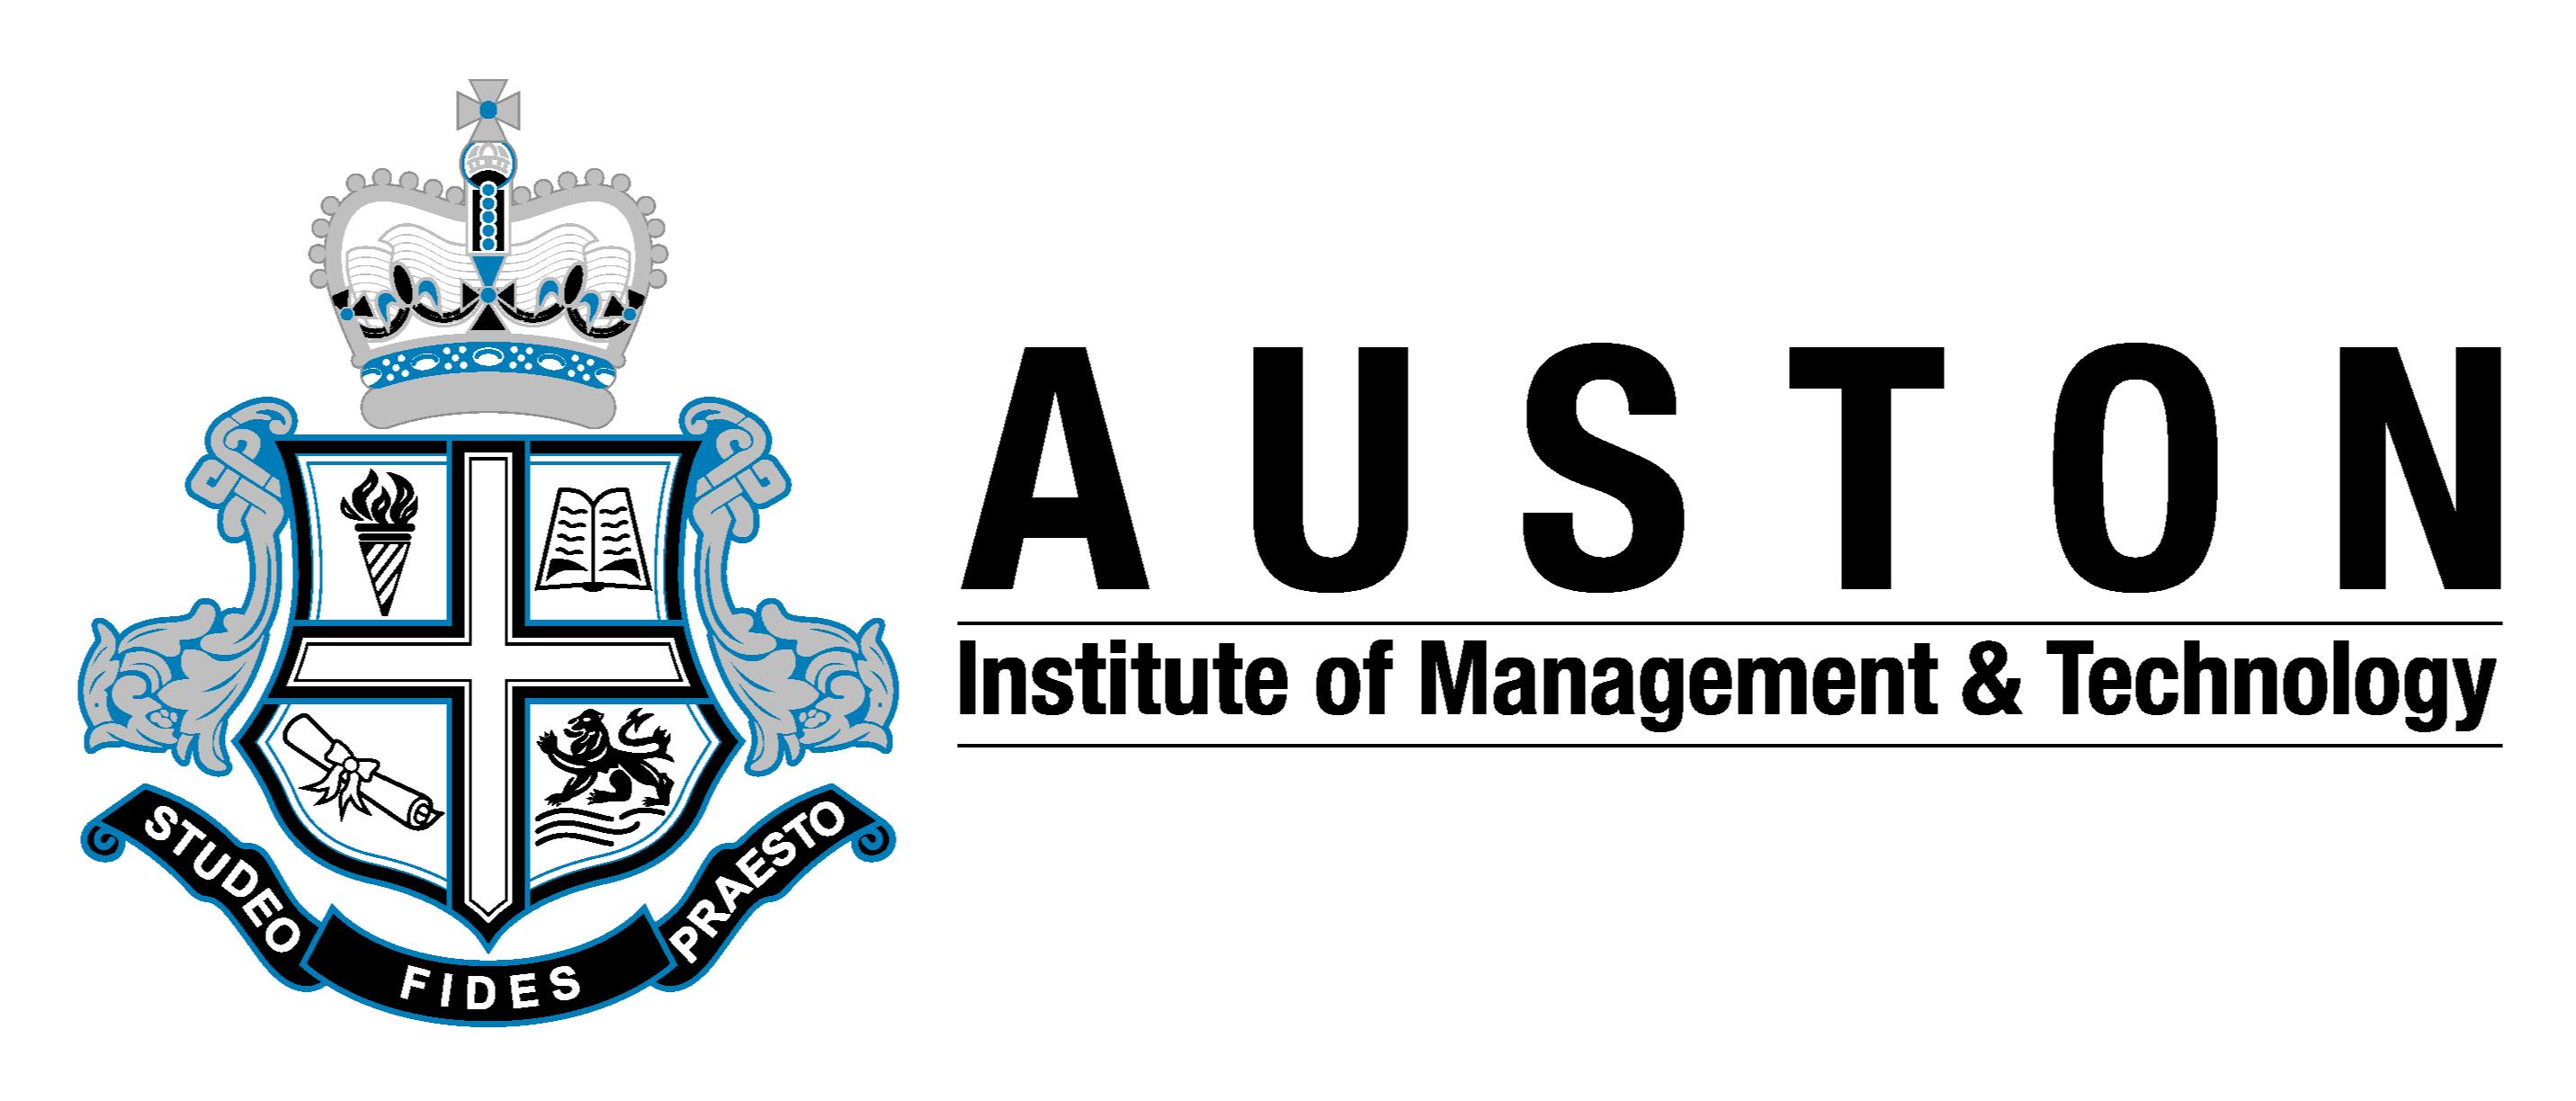 Du học Singapore - Thạc sĩ quản lý dự án tại học viện Auston